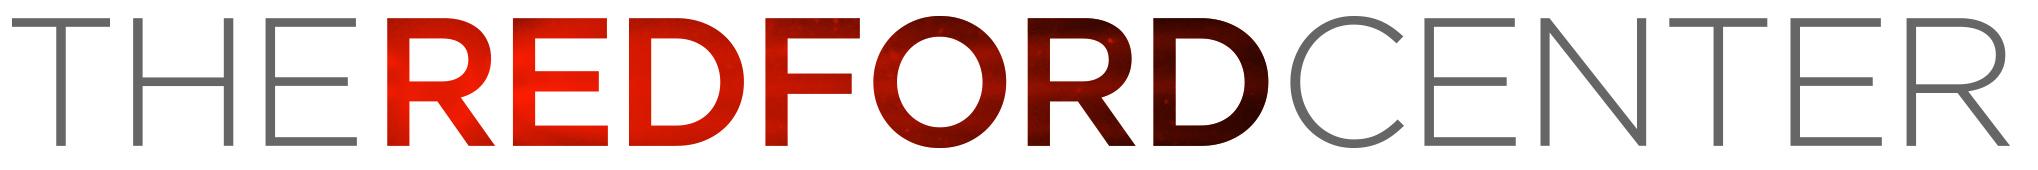 Redford Center Logo.jpg